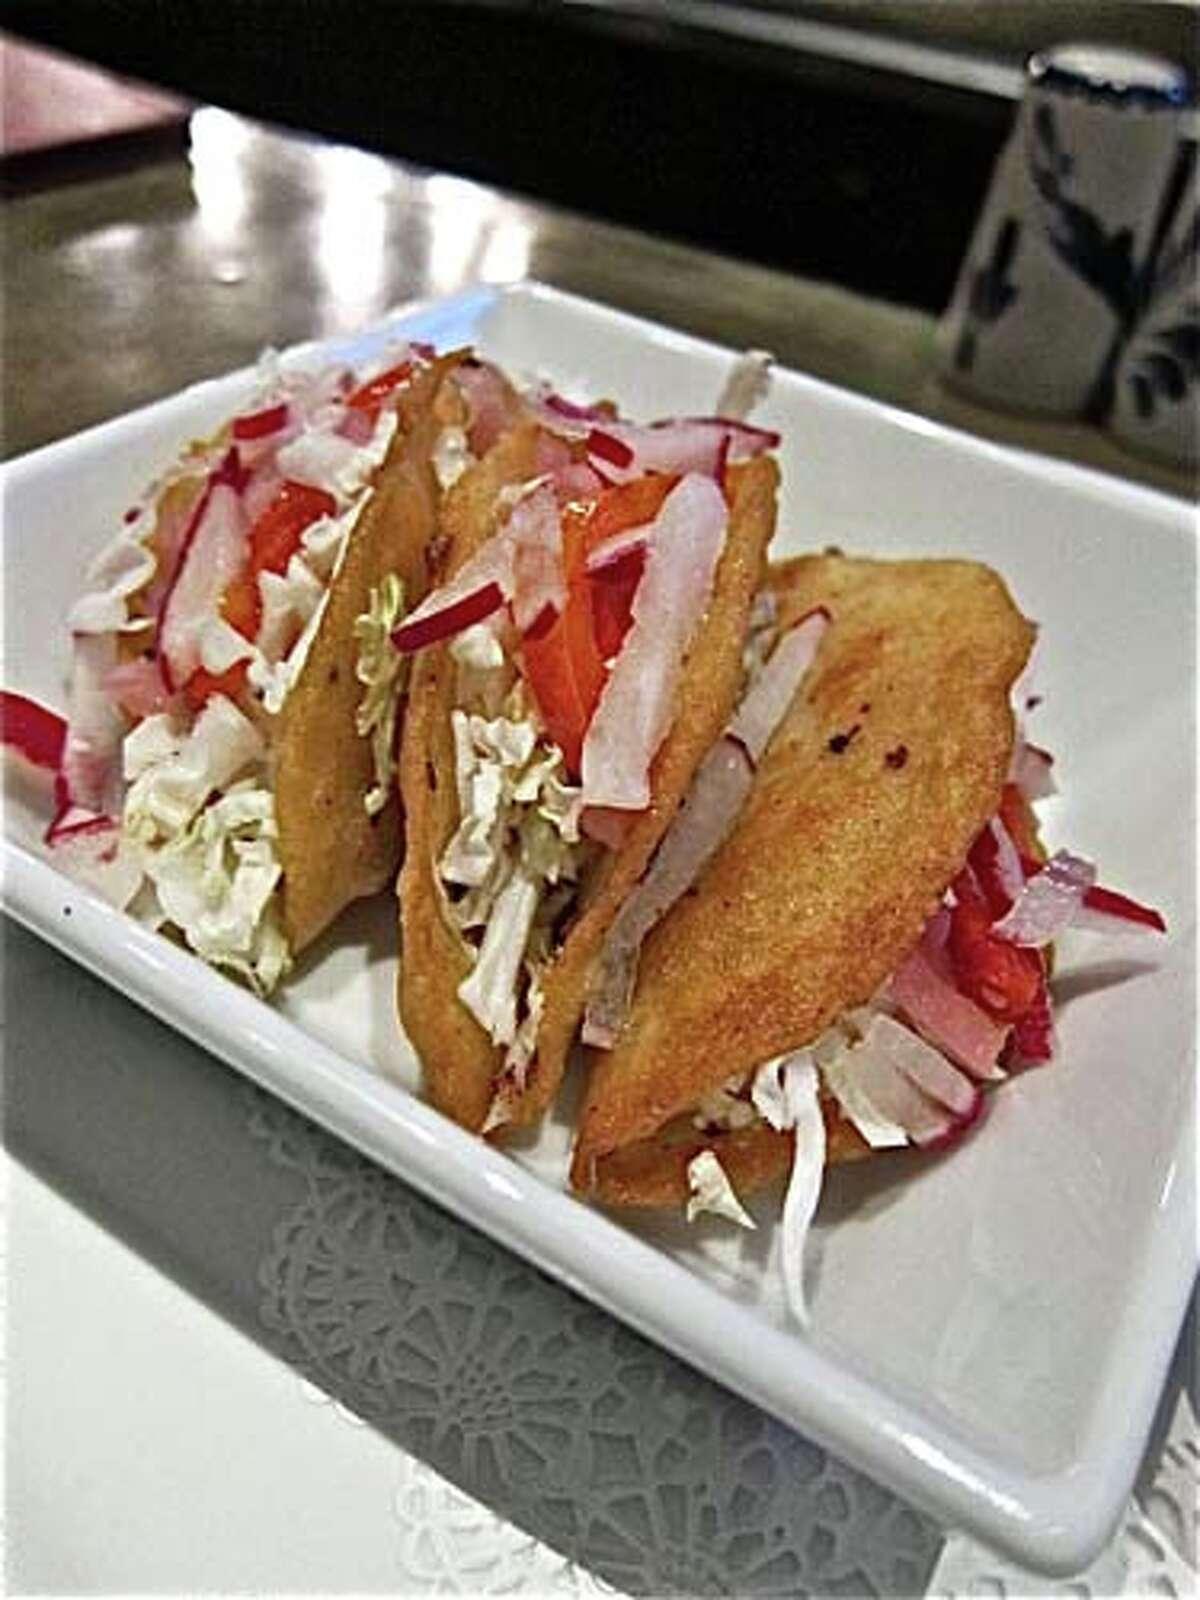 Tacos Dorados de Papas atHugo's.